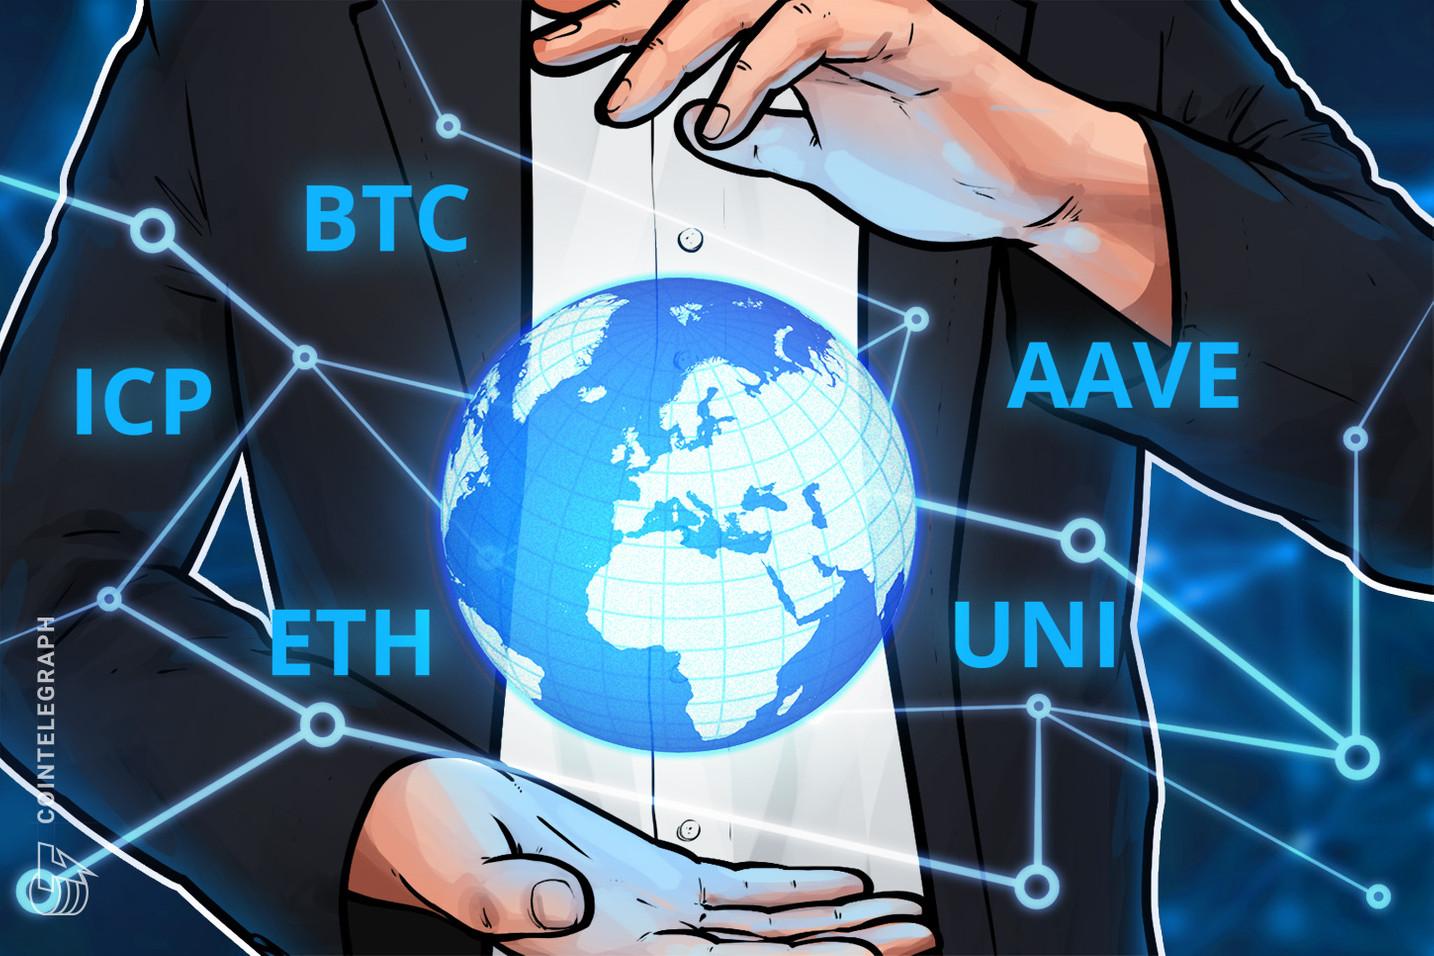 5 principales criptomonedas a tener en cuenta esta semana: BTC, ETH, UNI, ICP, AAVE